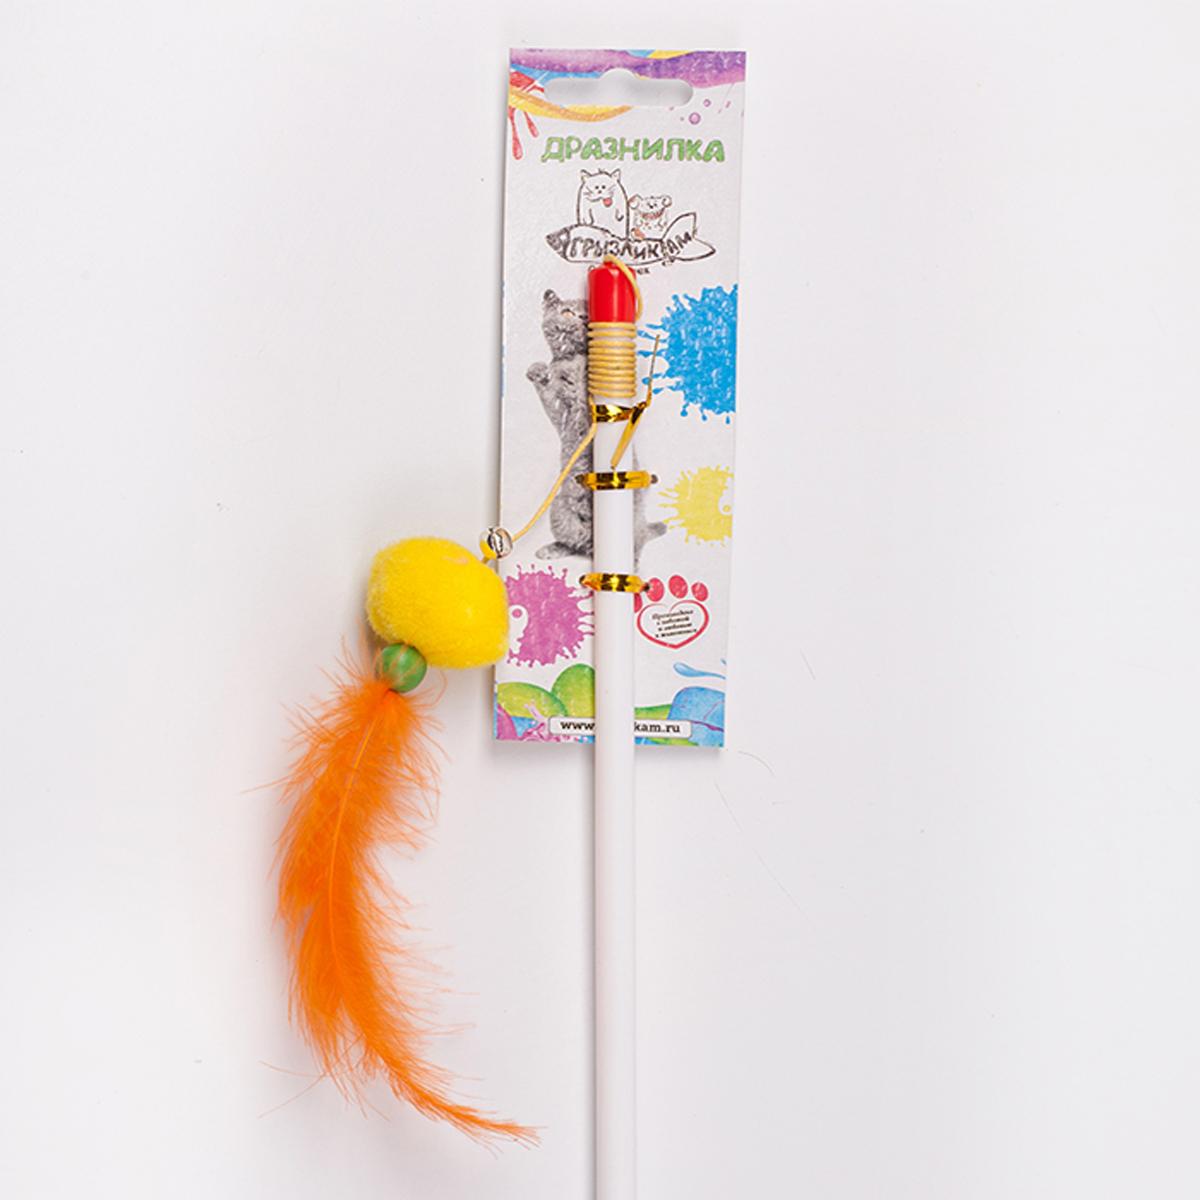 Дразнилка-удочка для кошки Грызлик Ам Шарик с пером, длина 55 см удар отточенным пером